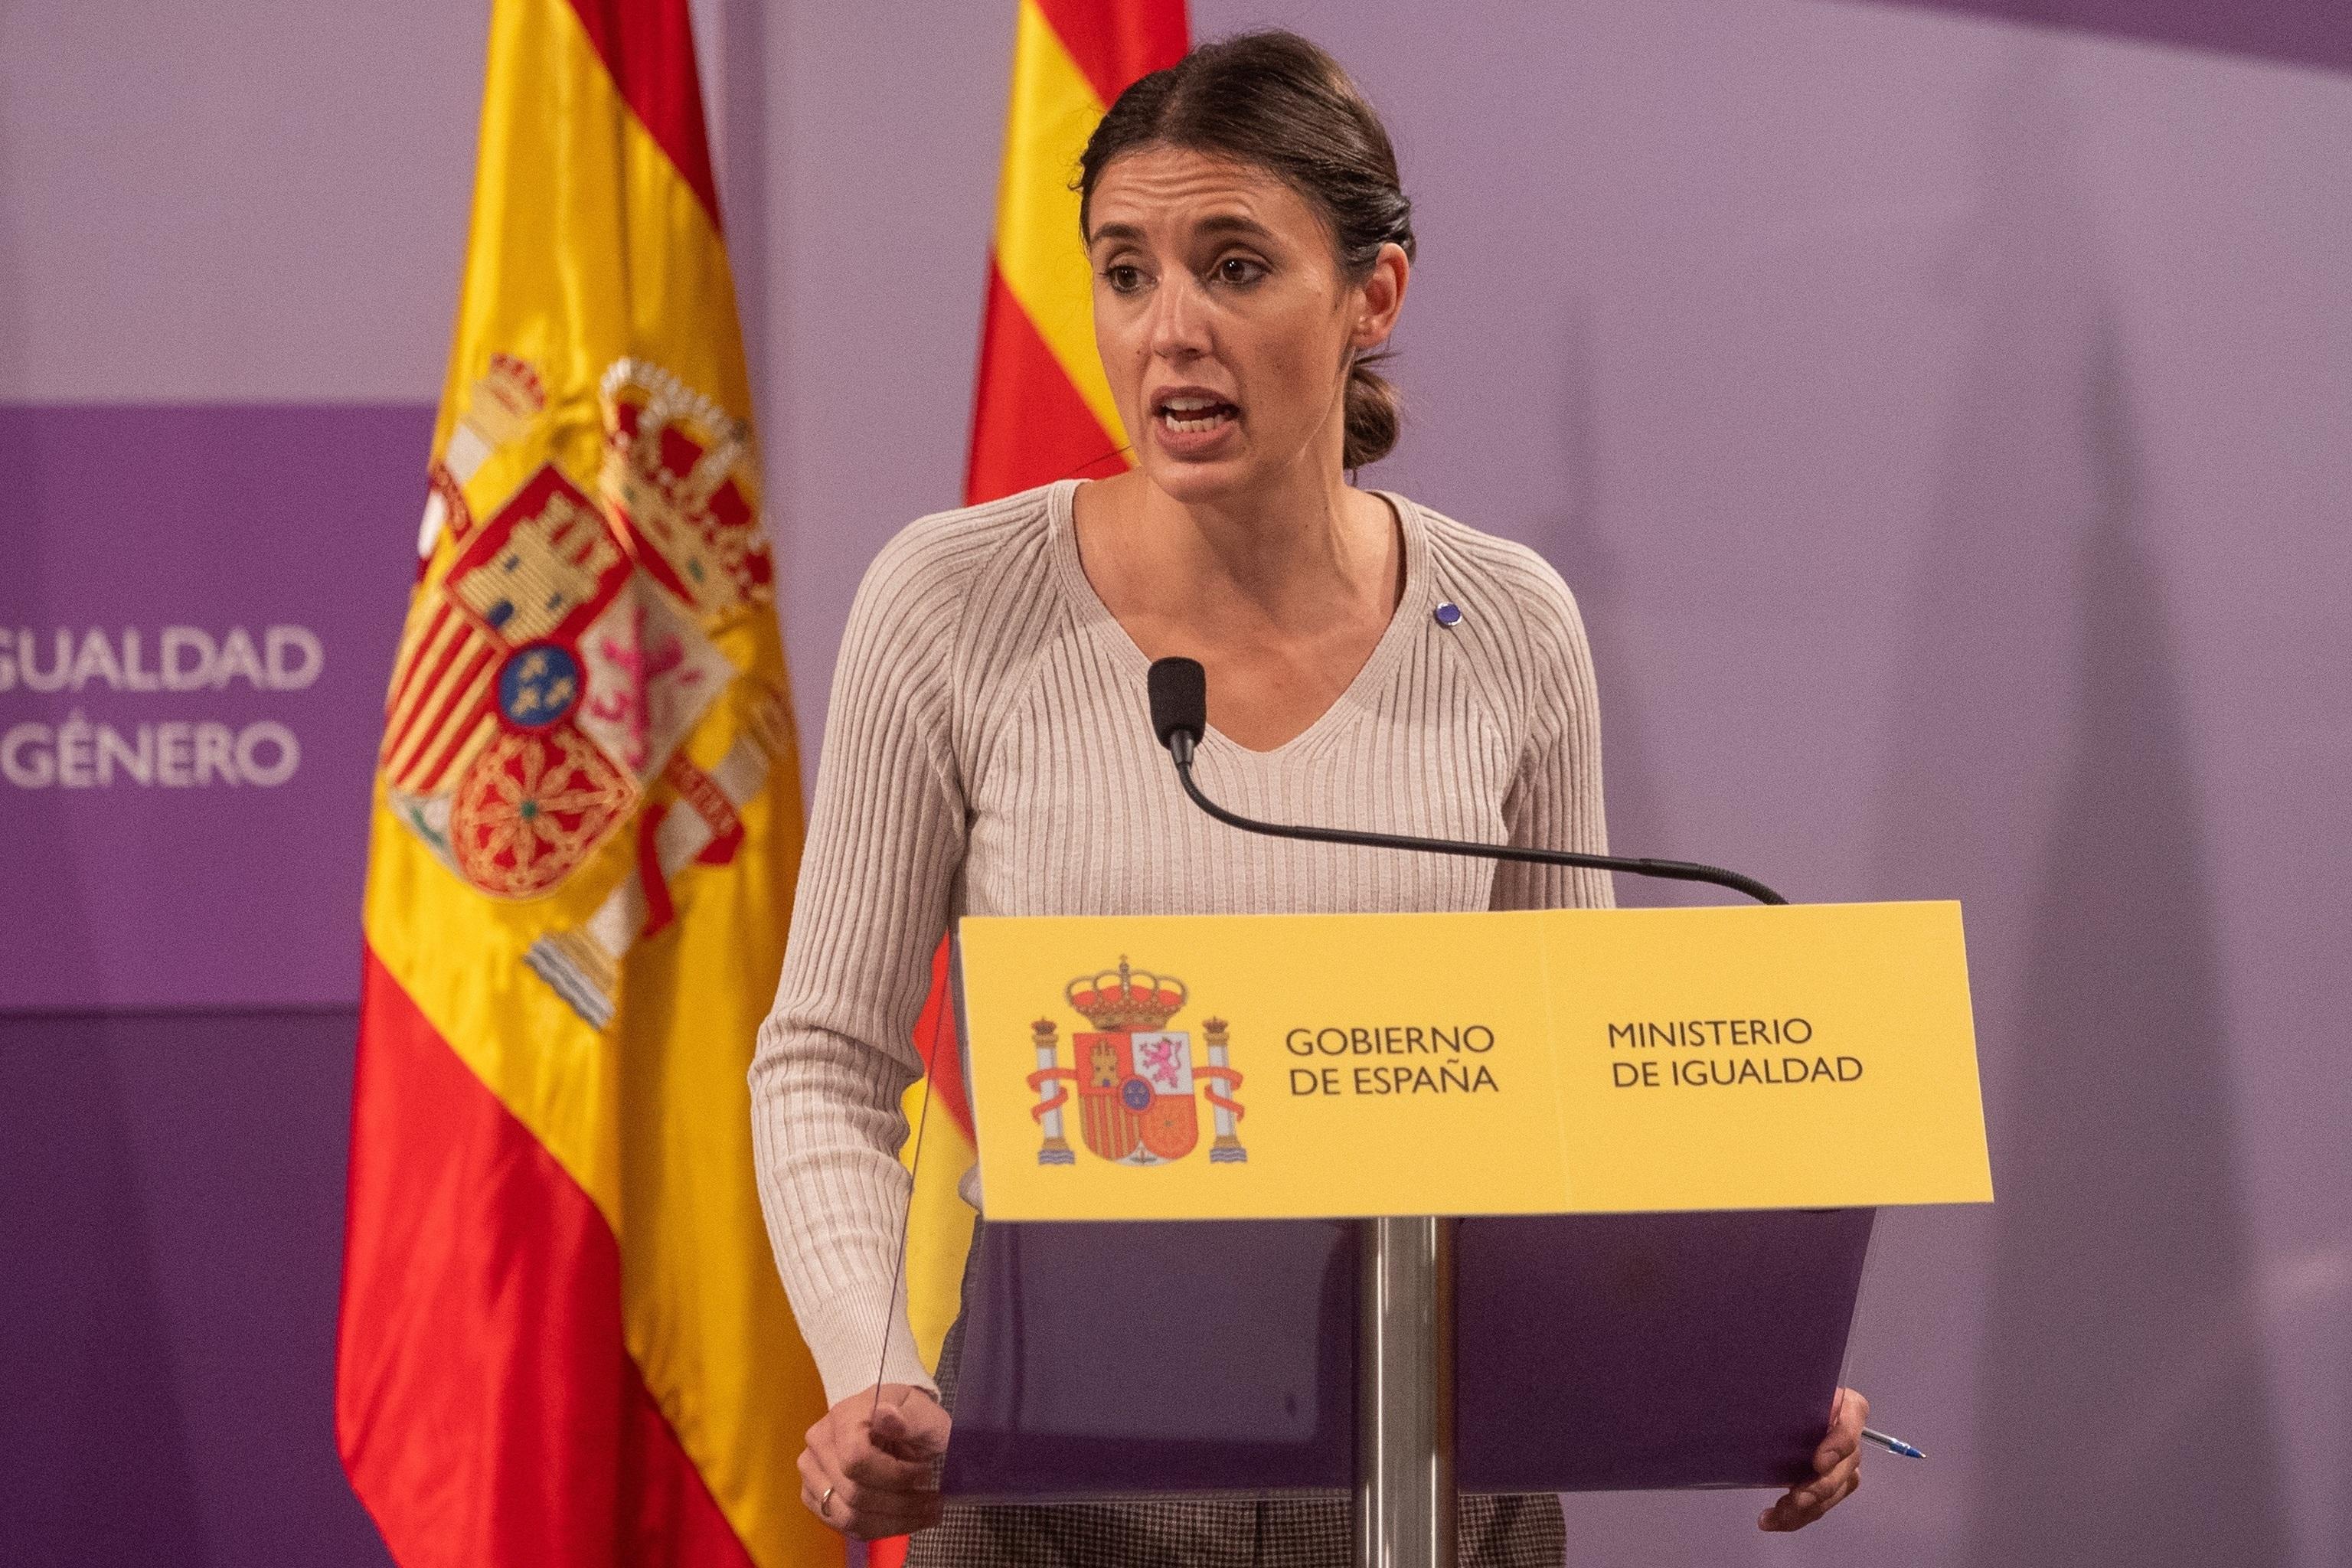 La ministra de Igualdad, Irene Montero, durante una rueda de prensa ayer tras su encuentro con la consejera catalana de Igualdad y Feminismos, Tània Verge.